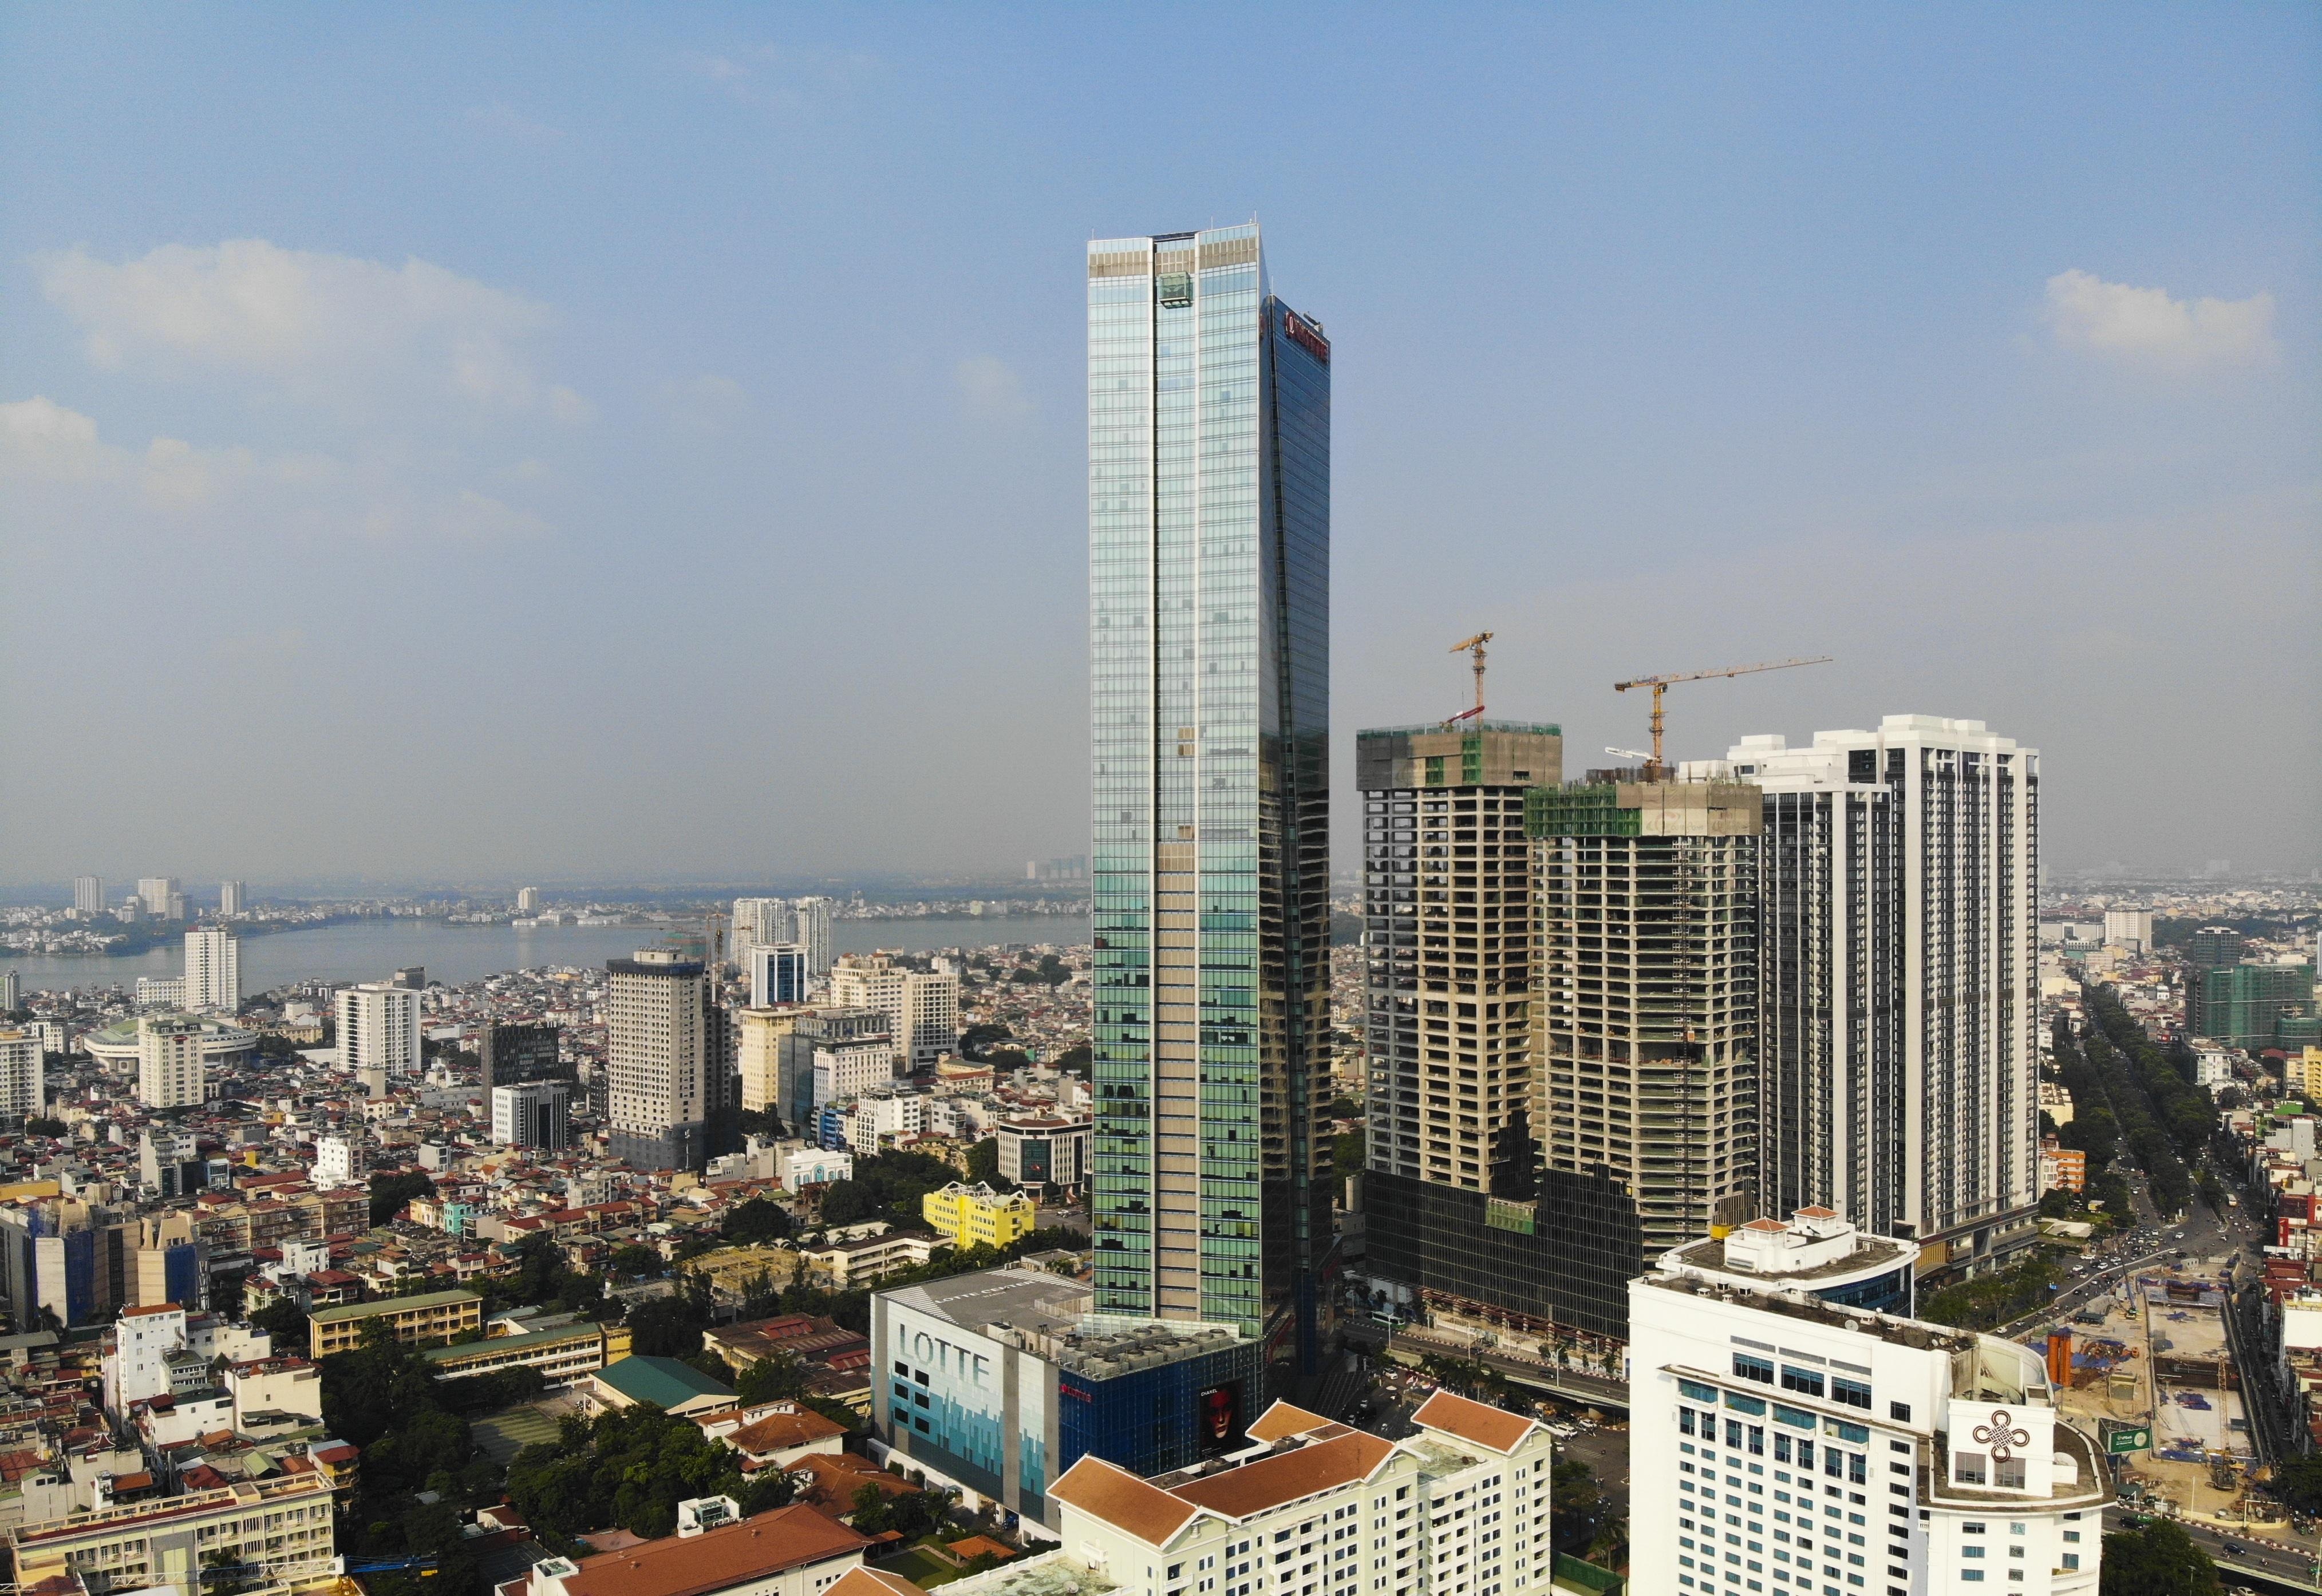 Những hình ảnh của 4 tòa nhà cao nhất Hà Nội nhìn từ trên cao - 6